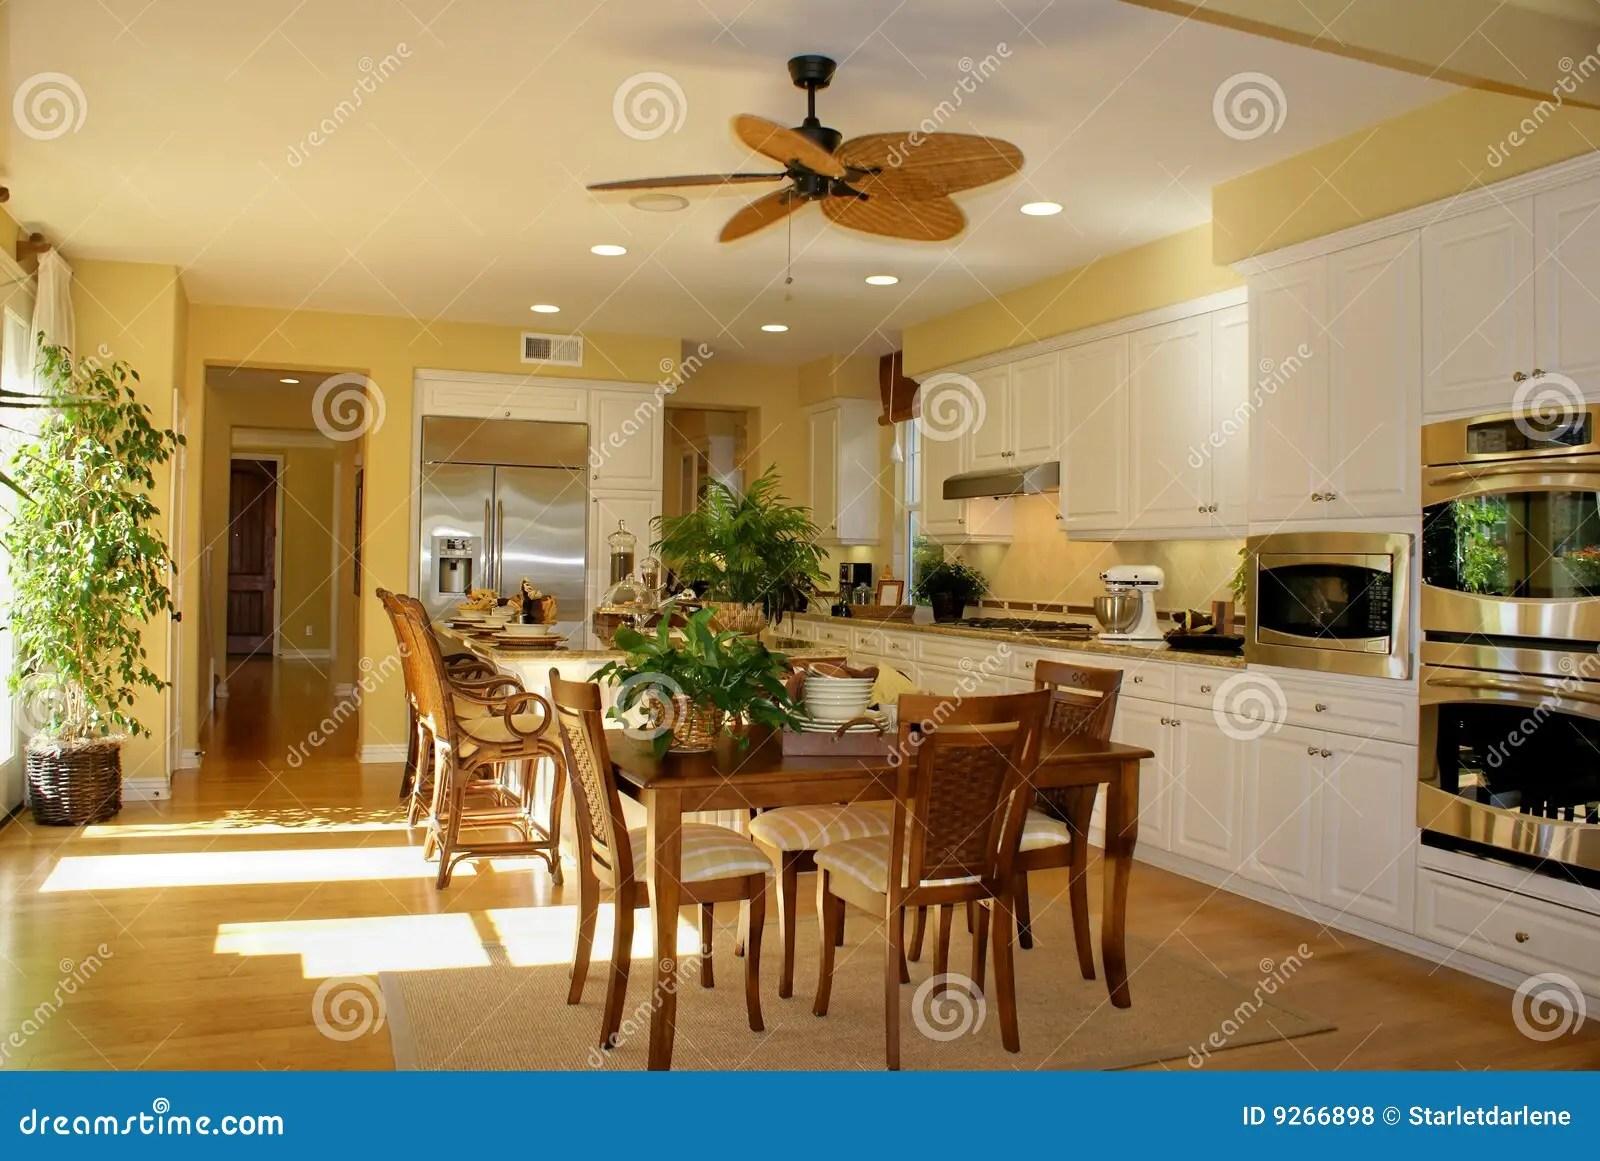 Colore Giallo Pieno Di Sole Della Cucina Fotografia Stock  Immagine di disegno dell 9266898